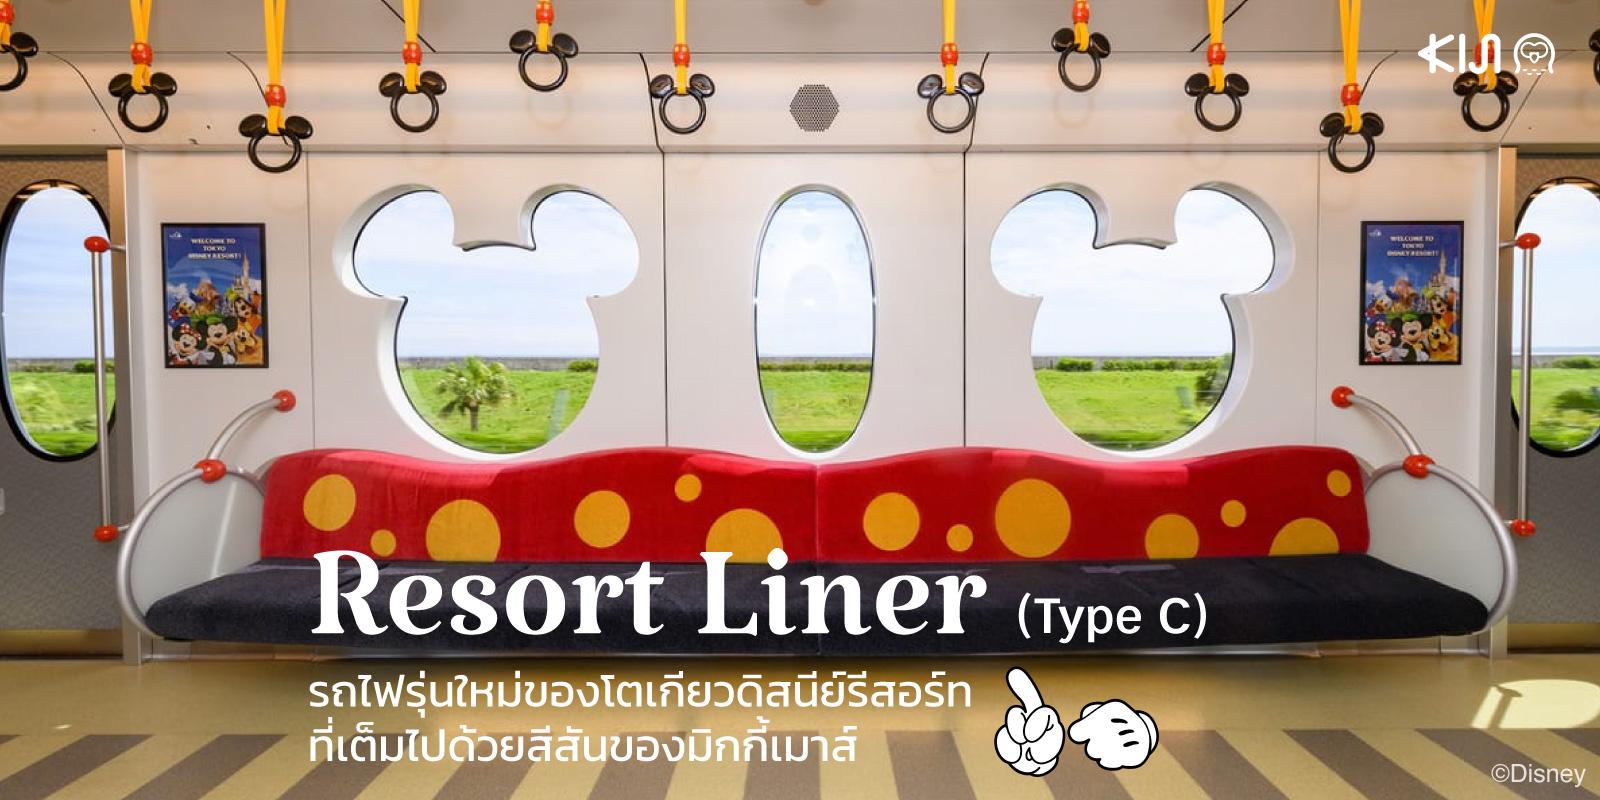 พาไปดู Resort Liner (Type C) รถไฟโมโนเรลรุ่นใหม่ของ Tokyo Disney Resort